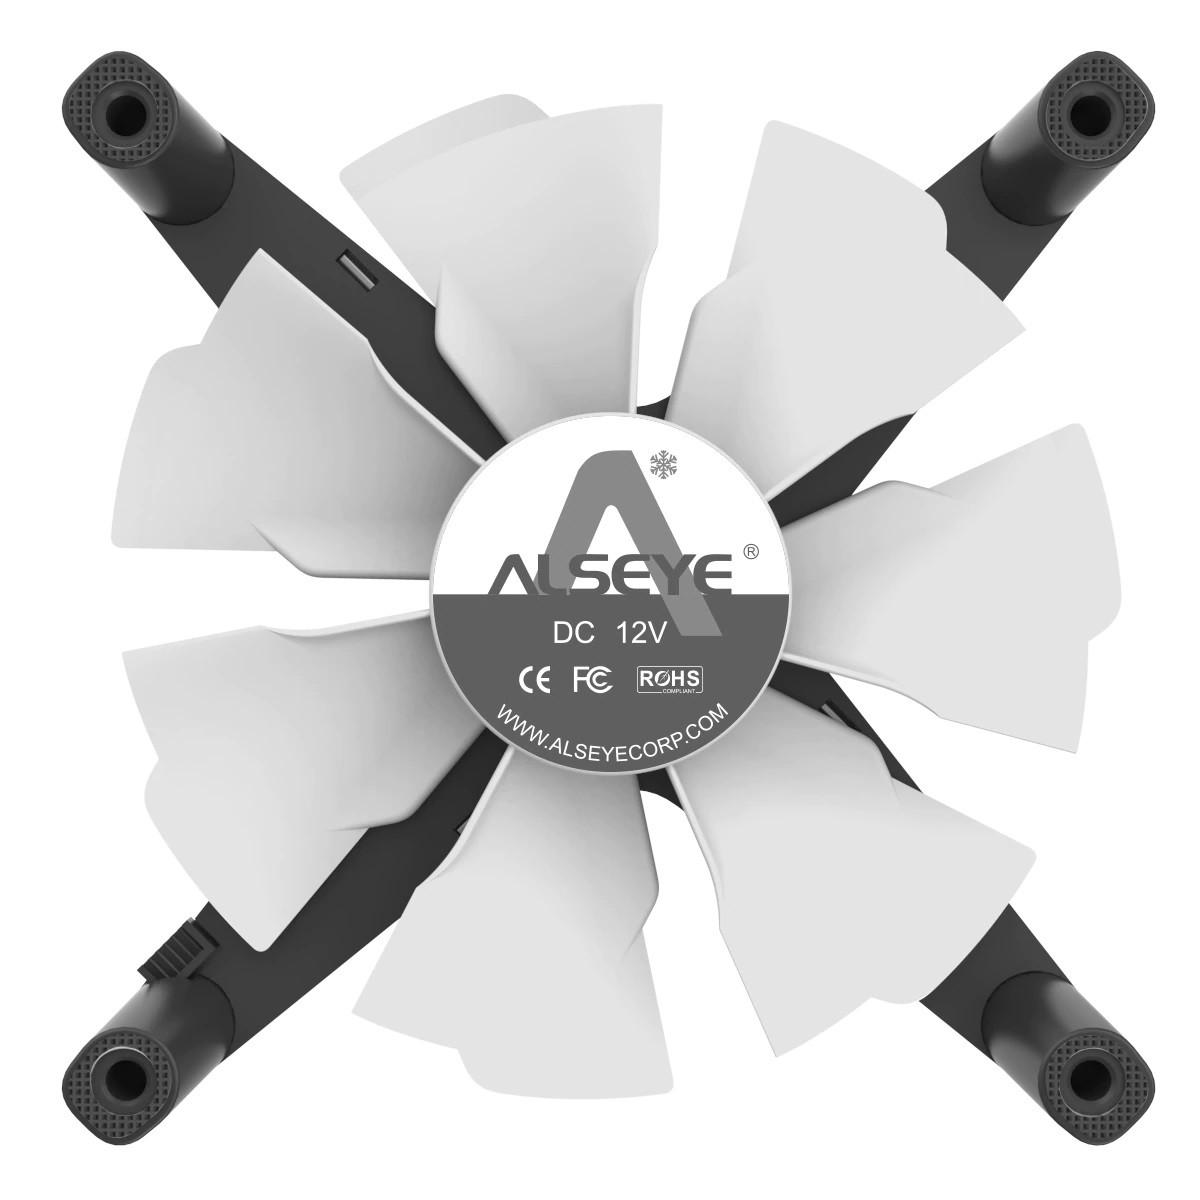 Kit Fan com 3 Unidades Alseye X12, ARGB, Silver, 120mm